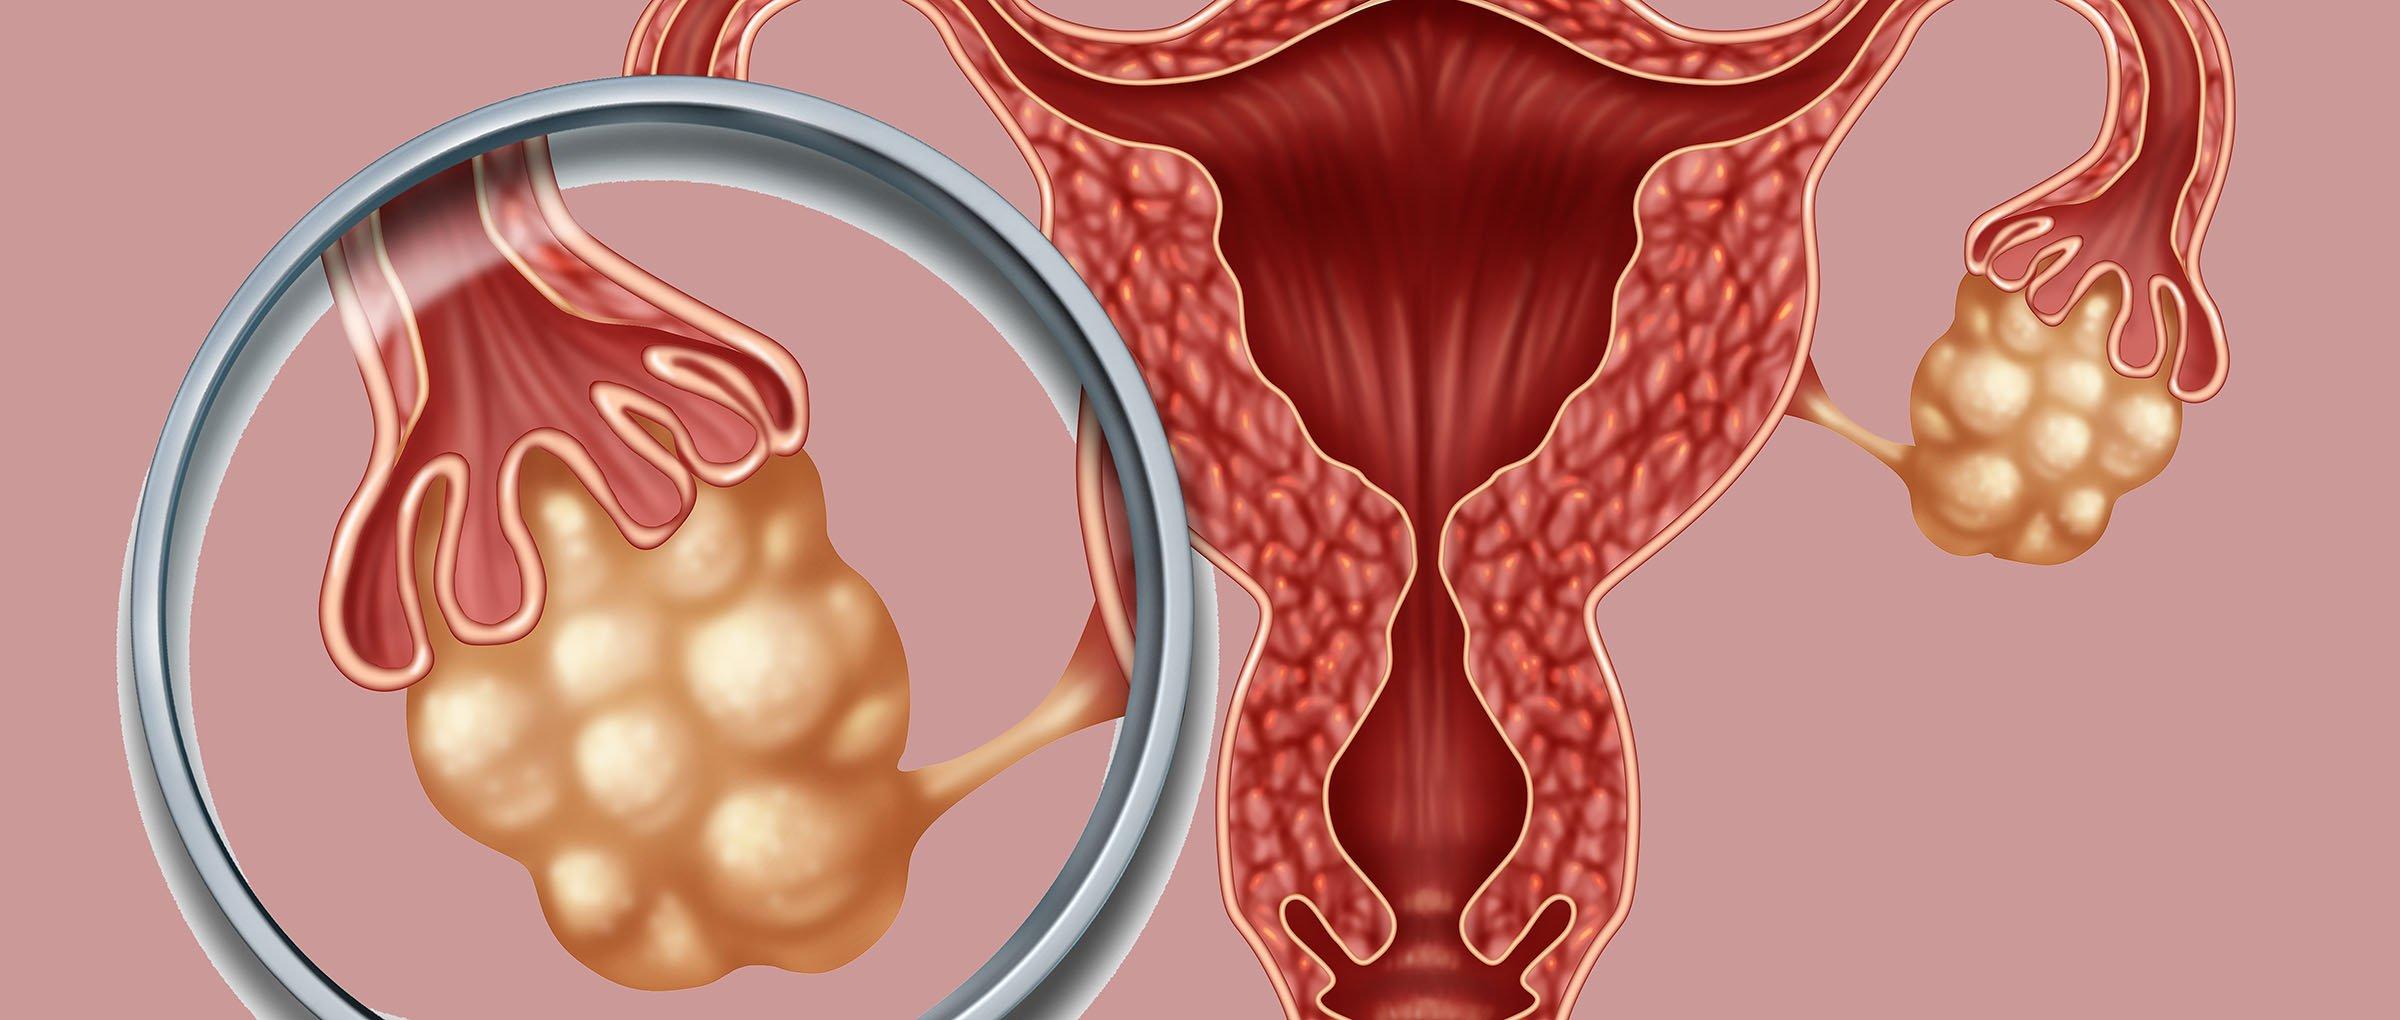 Ciclo ovárico estimulado para inseminación artificial